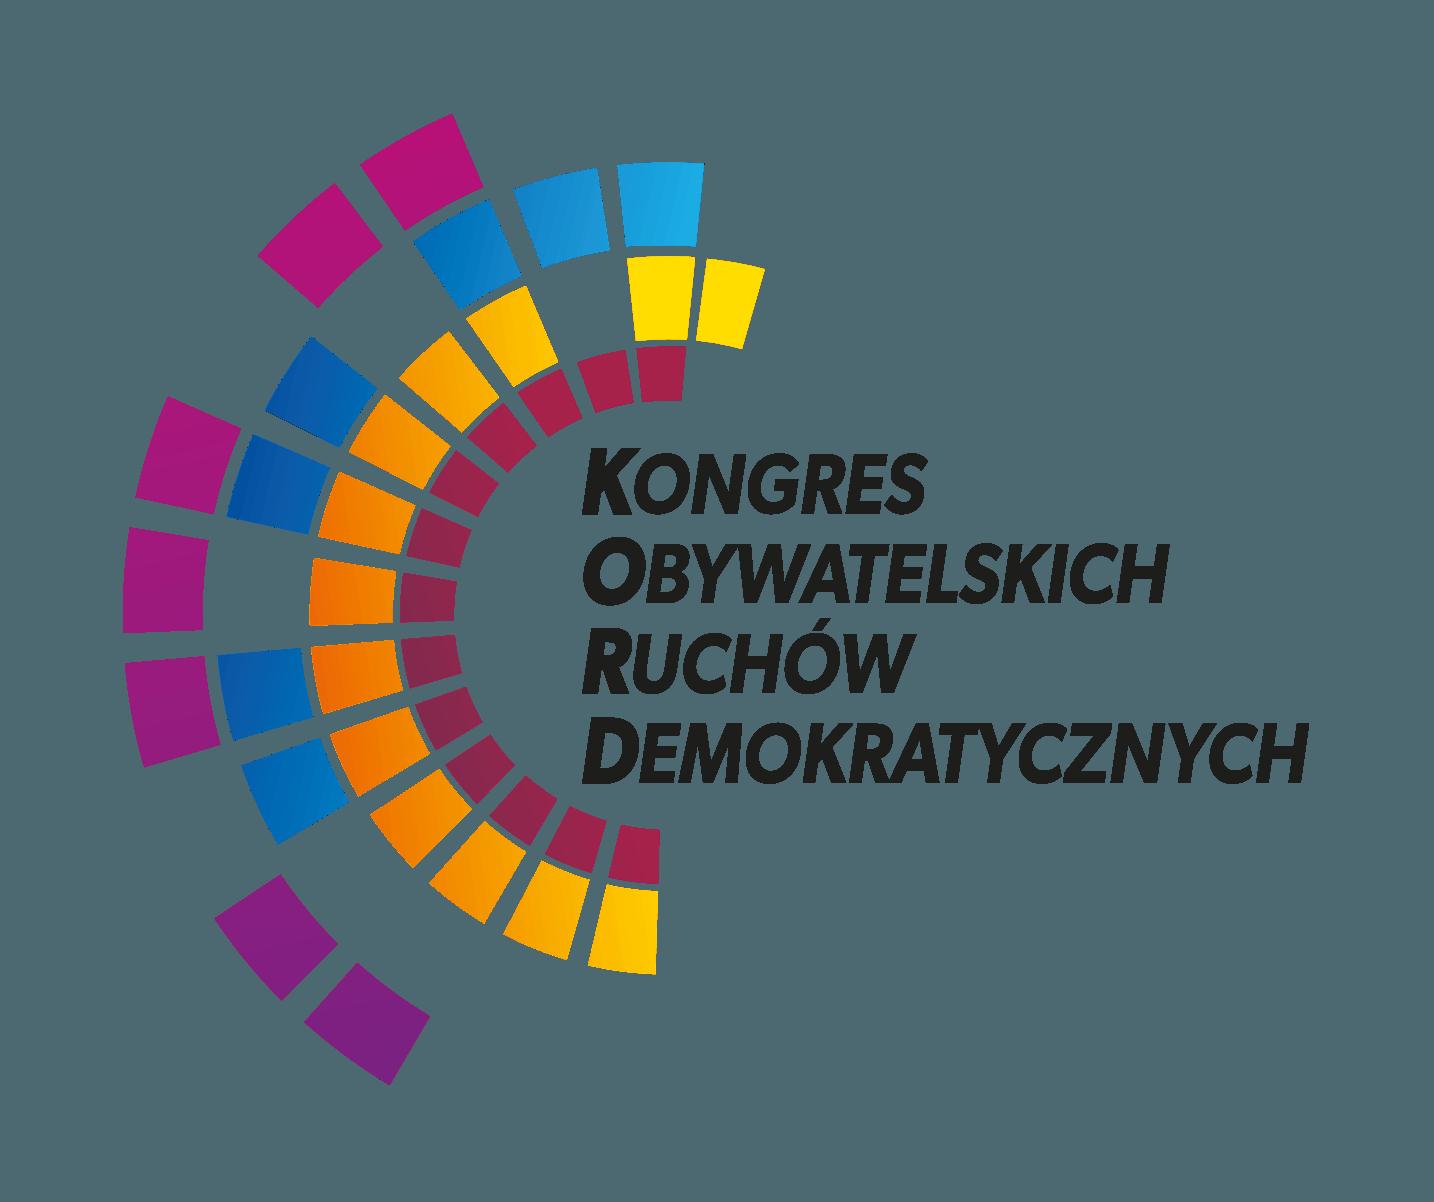 Logo Kongresu Obywatelskich Ruchów Demokratycznych (KORD) (fot. kord.org.pl)